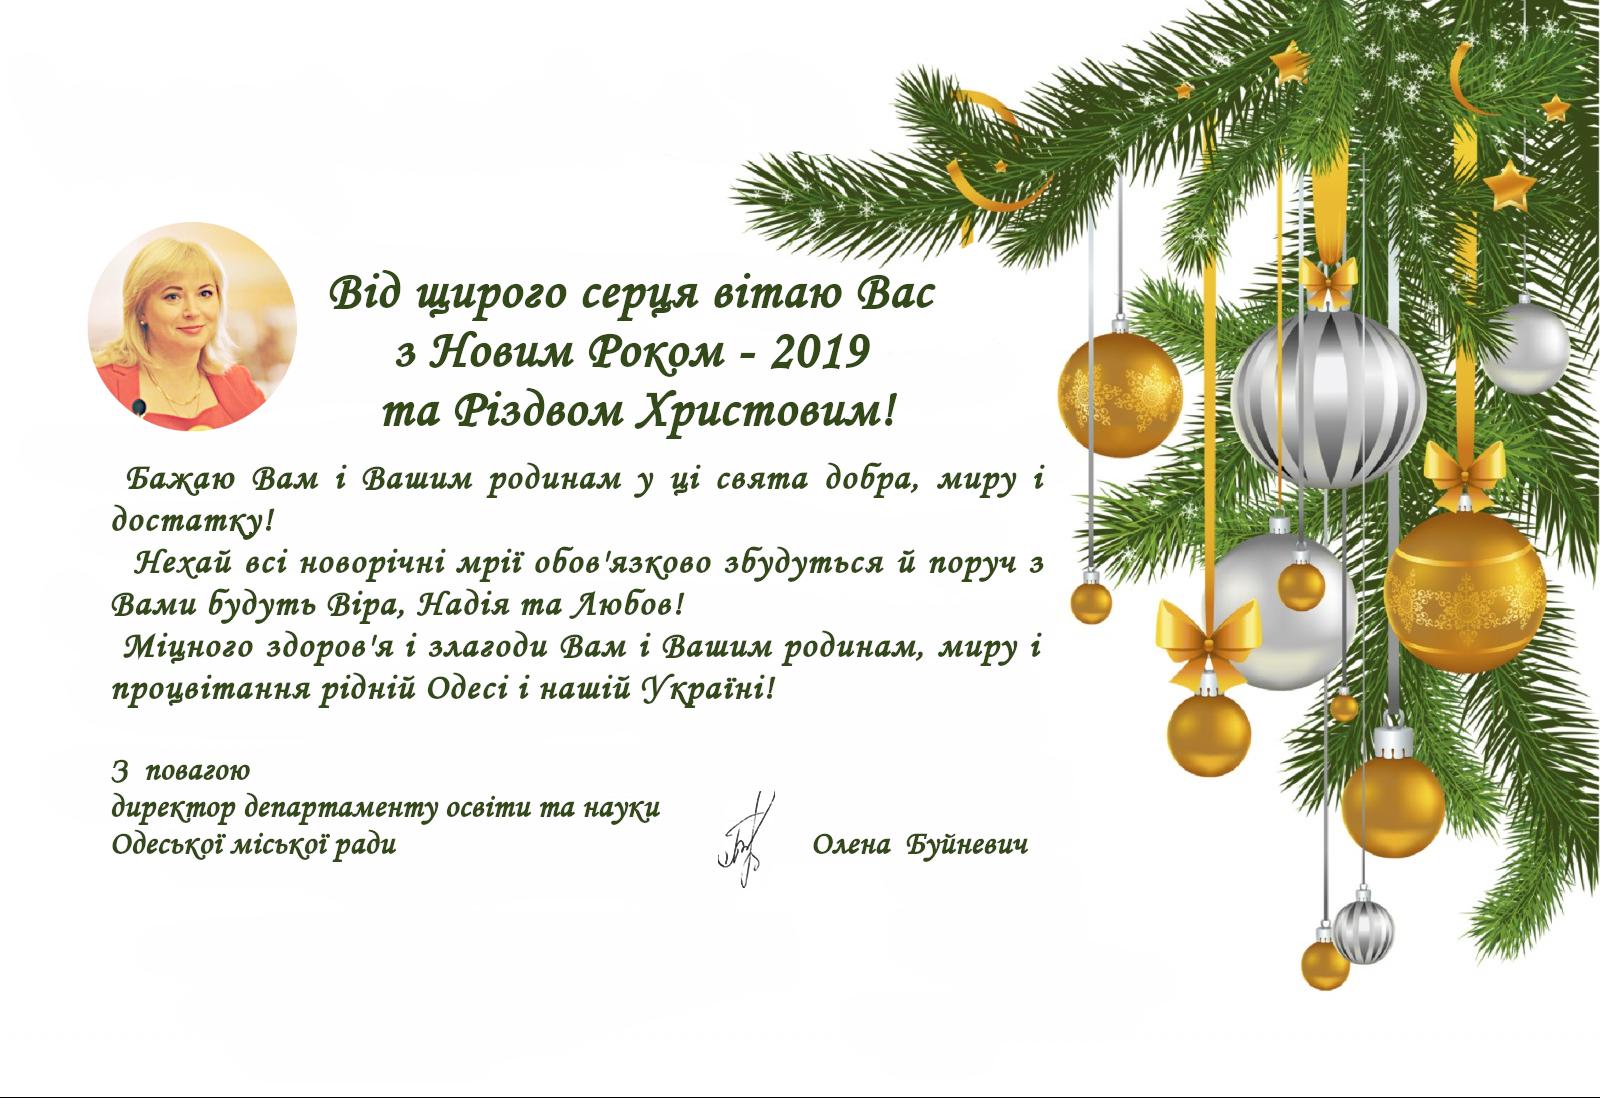 Вітання директора департаменту з Новим роком та Різдвом Христовим